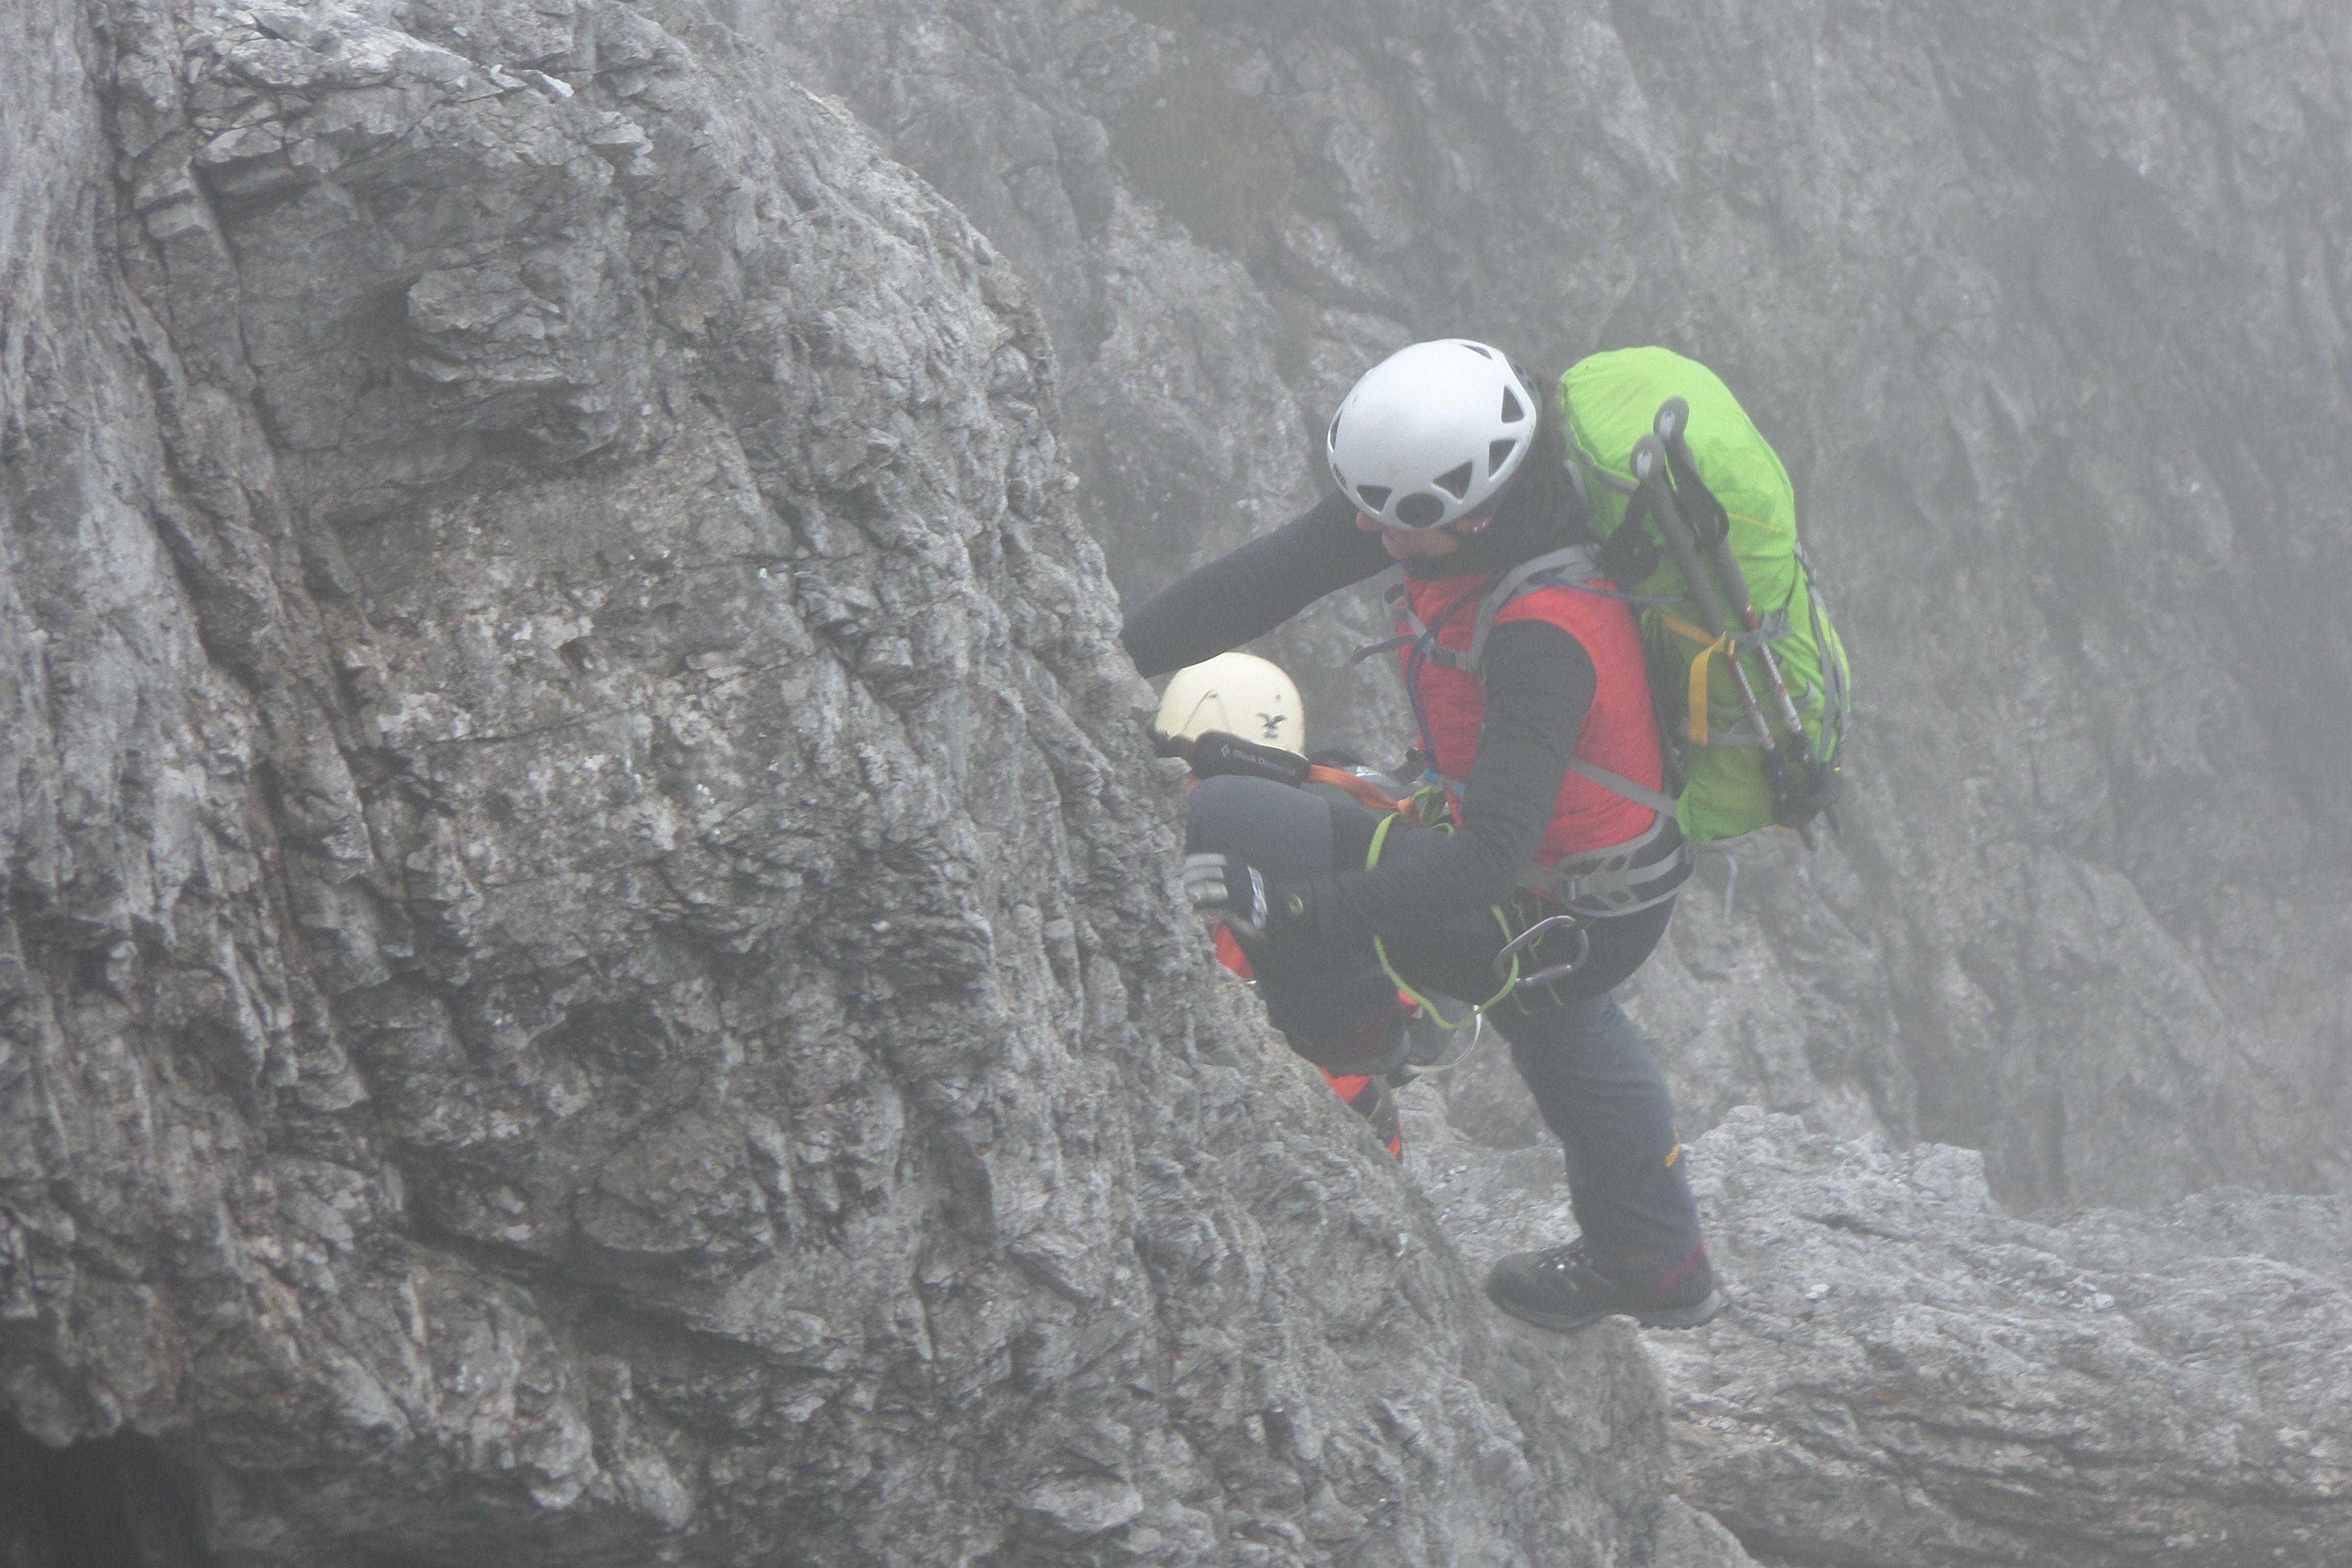 Klettersteig Austria : Fotogalerie tourfotos fotos zur klettersteig tour austria